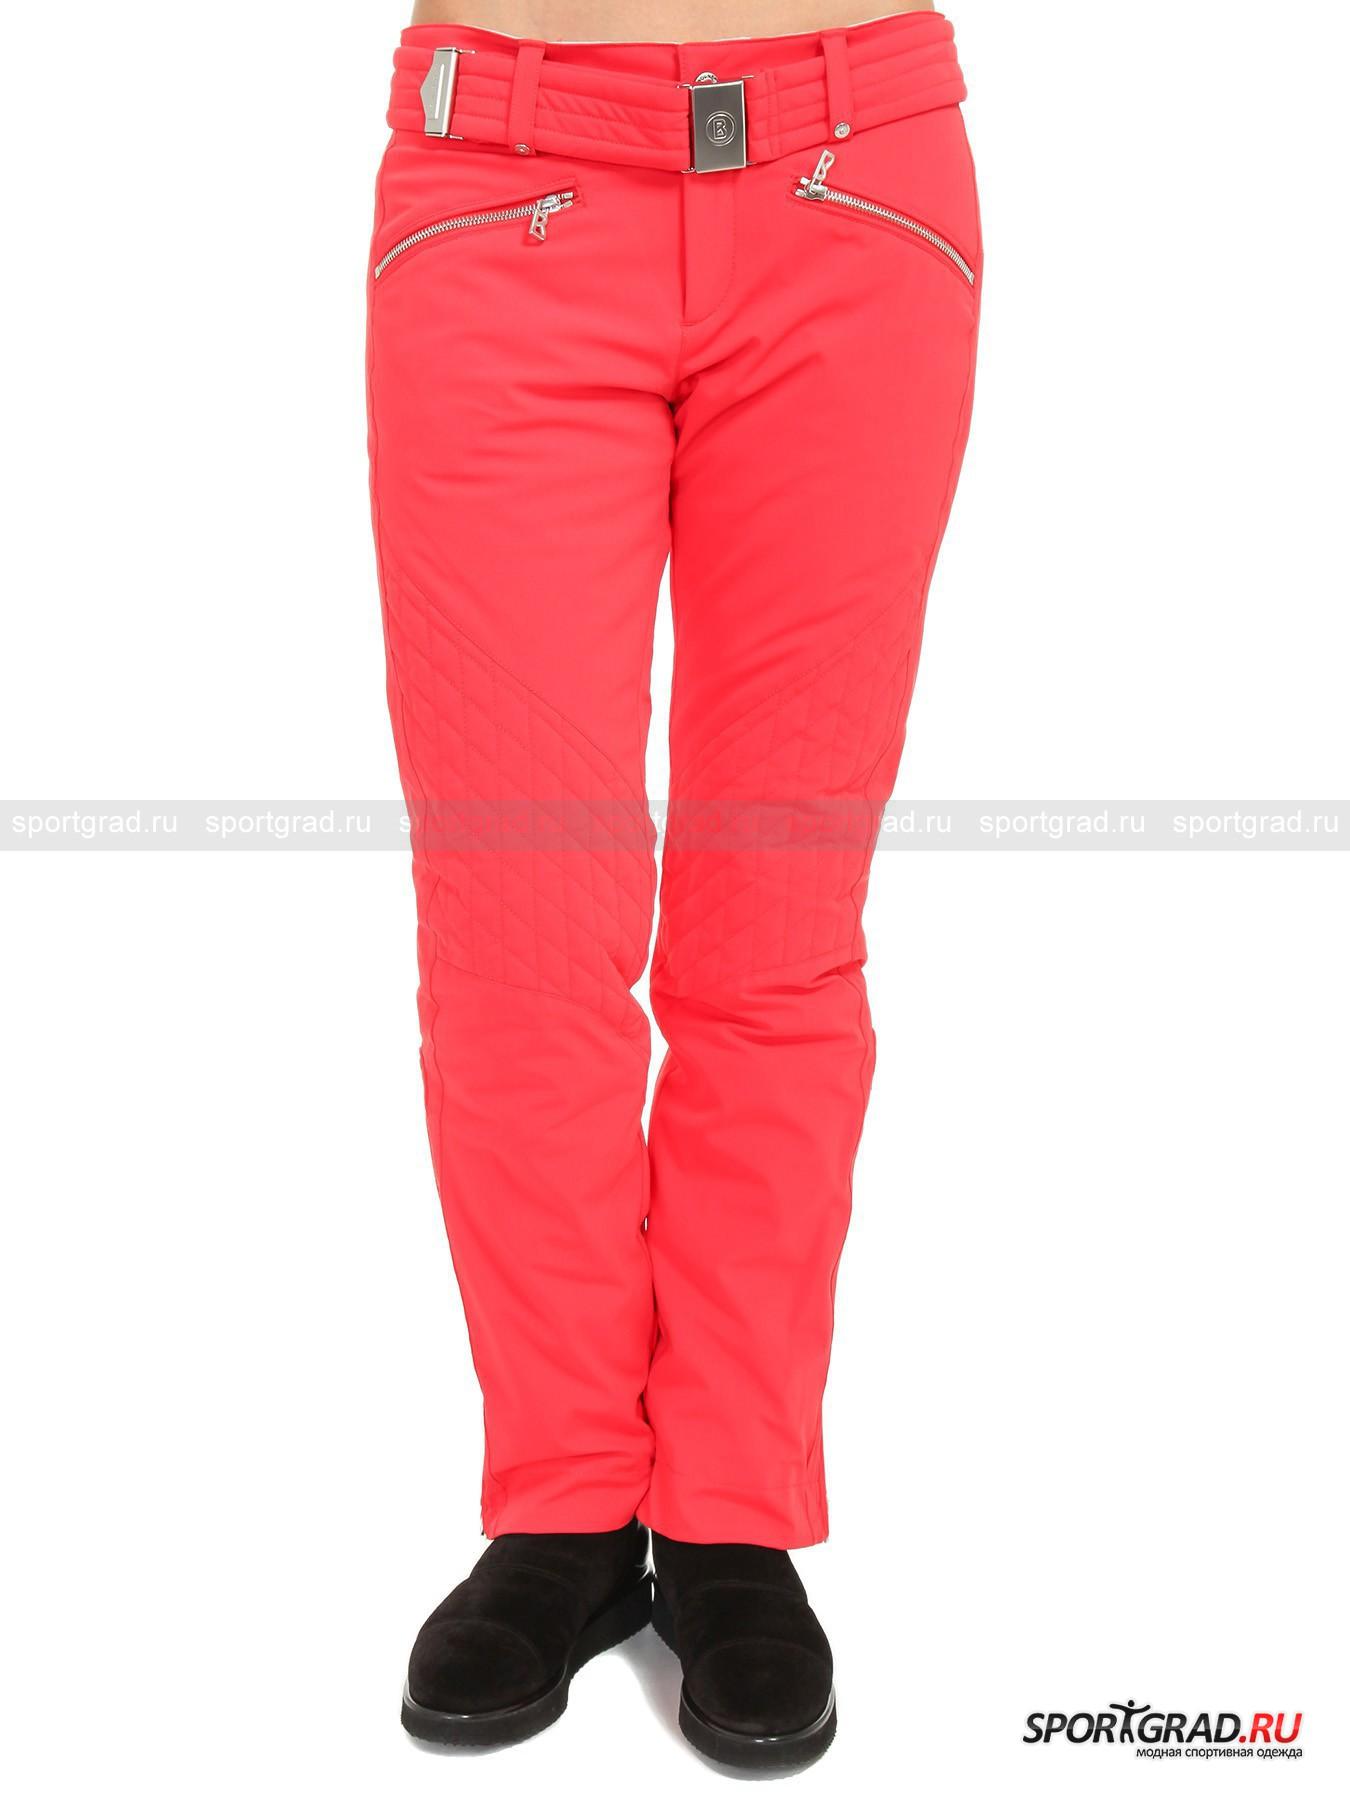 Брюки женские горнолыжные Franzi BOGNER с утеплителем PrimaLoft от Спортград